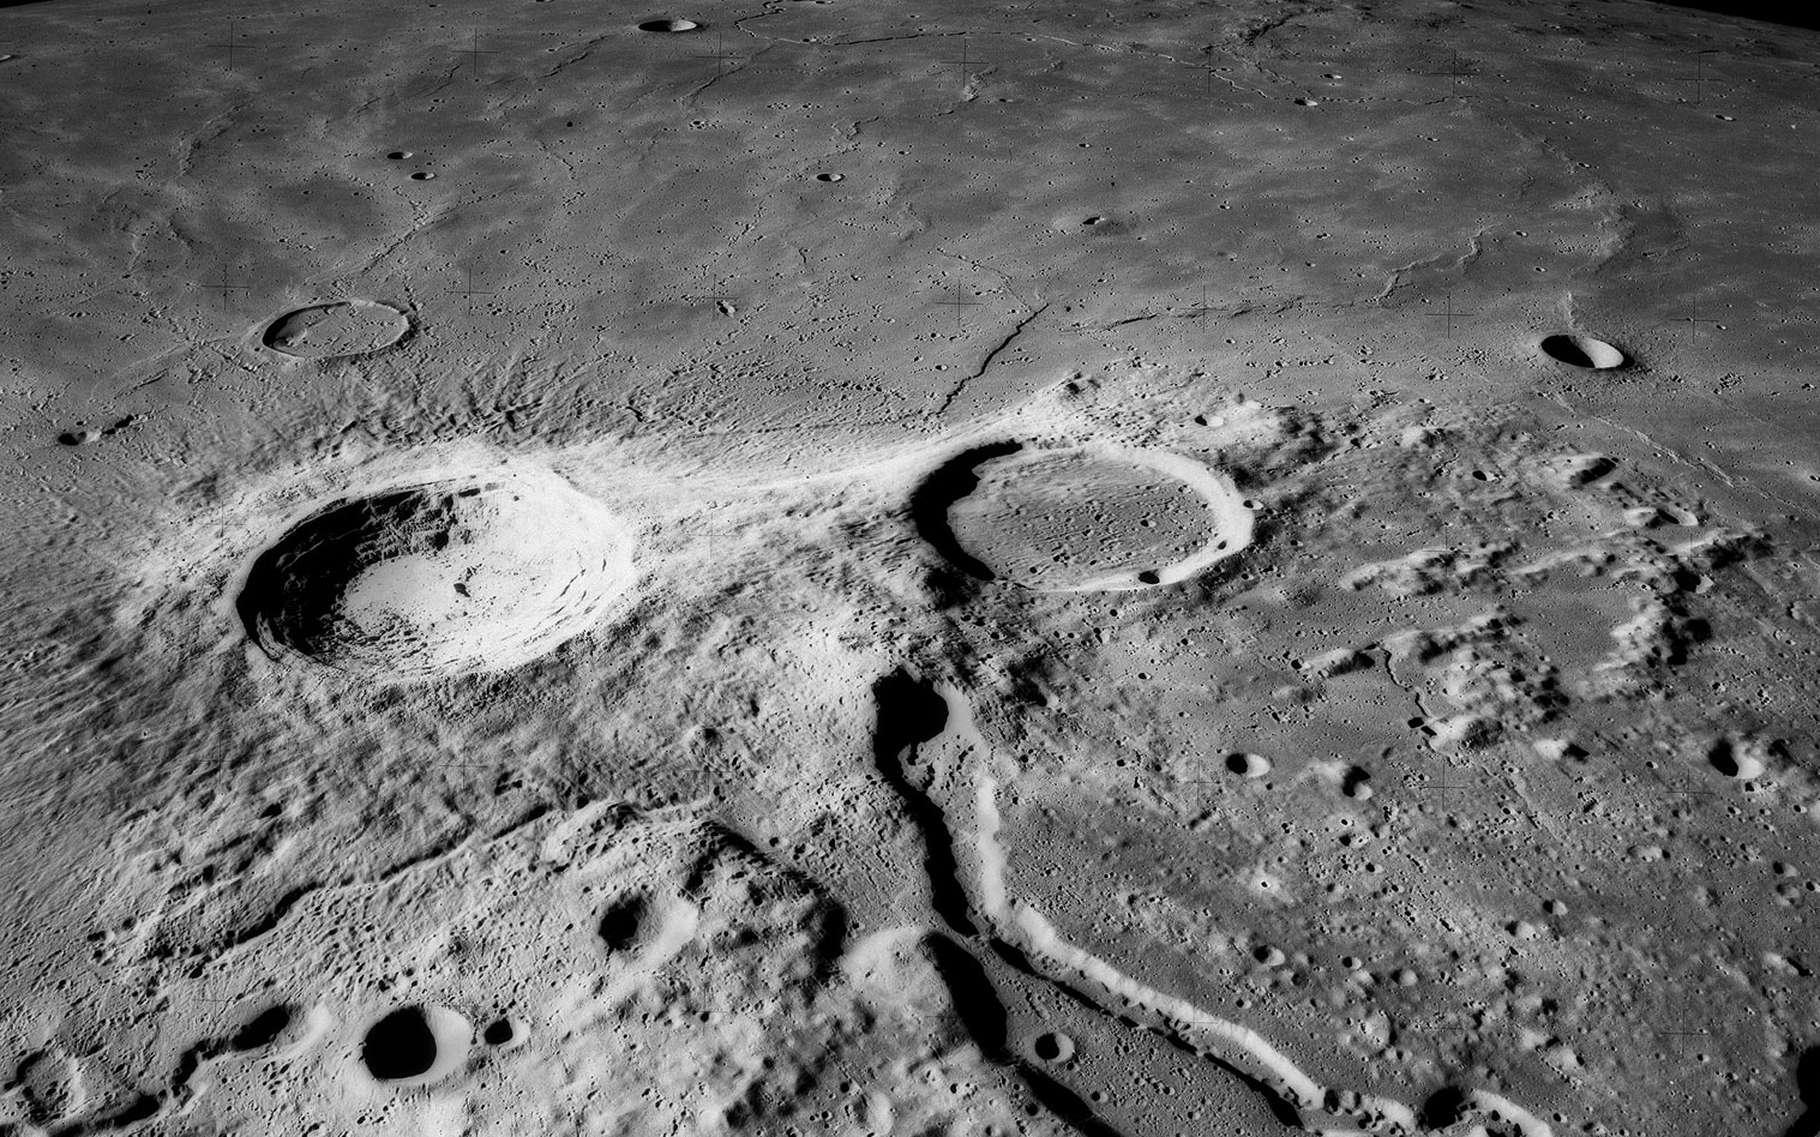 Aristarque est un cratère d'impact sur la face visible de la Lune. Parfois qualifié de « phare de la Lune », elle est la plus brillante des formations lunaires, avec un albédo deux fois supérieur aux autres. © Nasa CCO